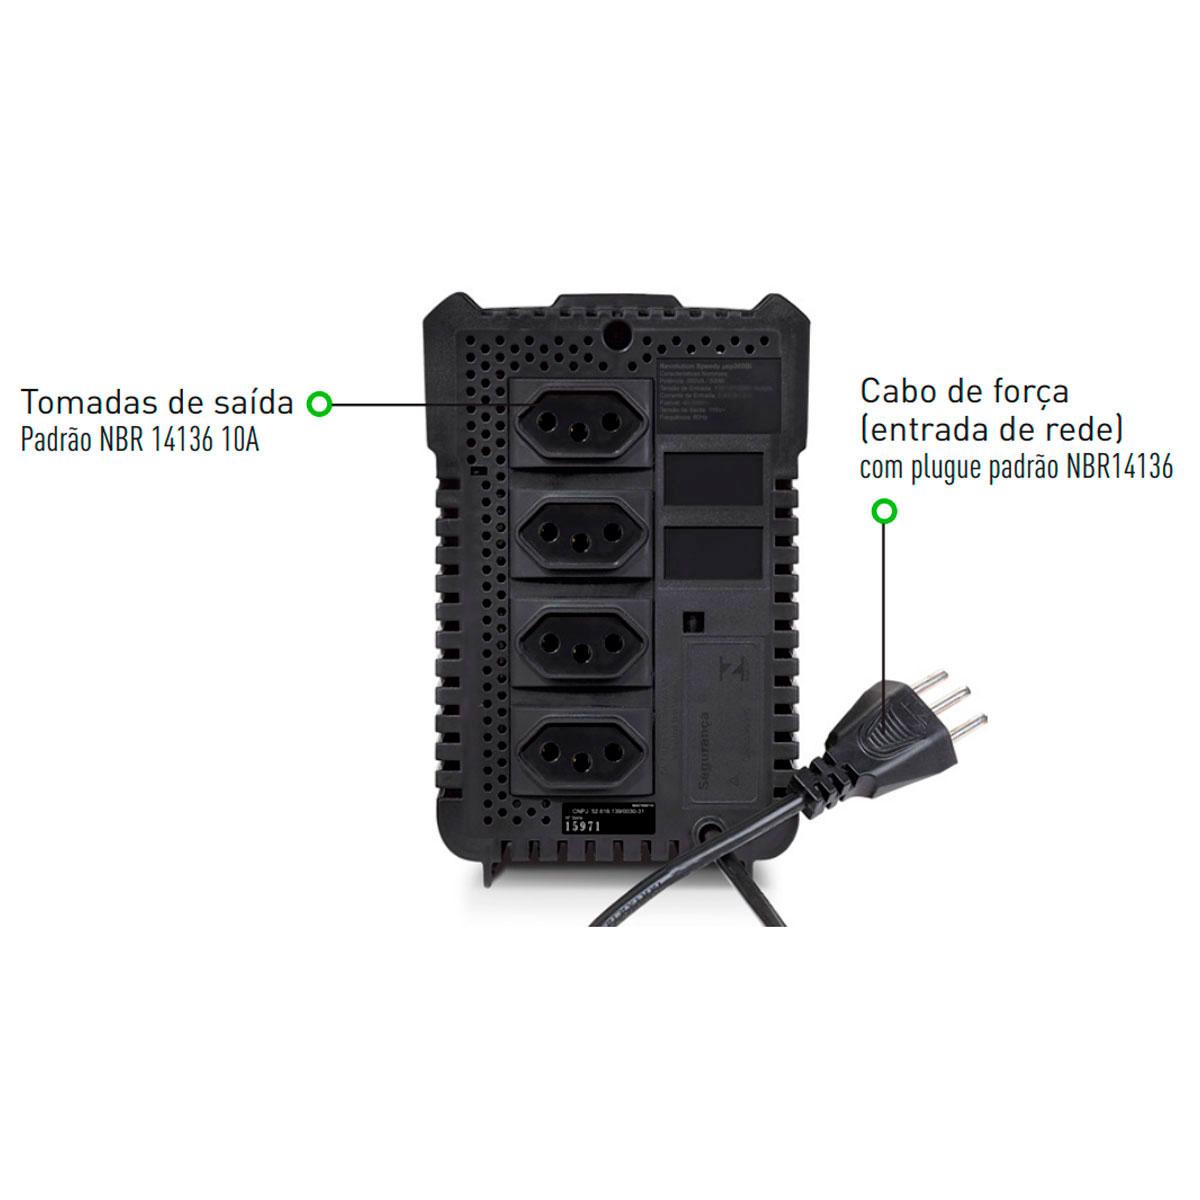 Estabilizador SMS Revolution Speedy 500VA, Entrada 115/127V, Saída 115V, 4 Tomadas - 15971